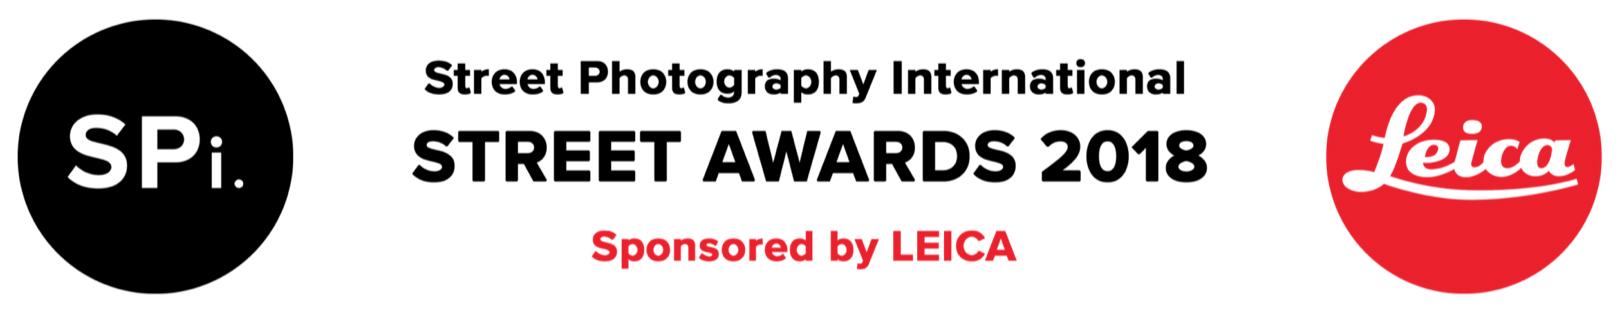 SPi Street Awards 2018